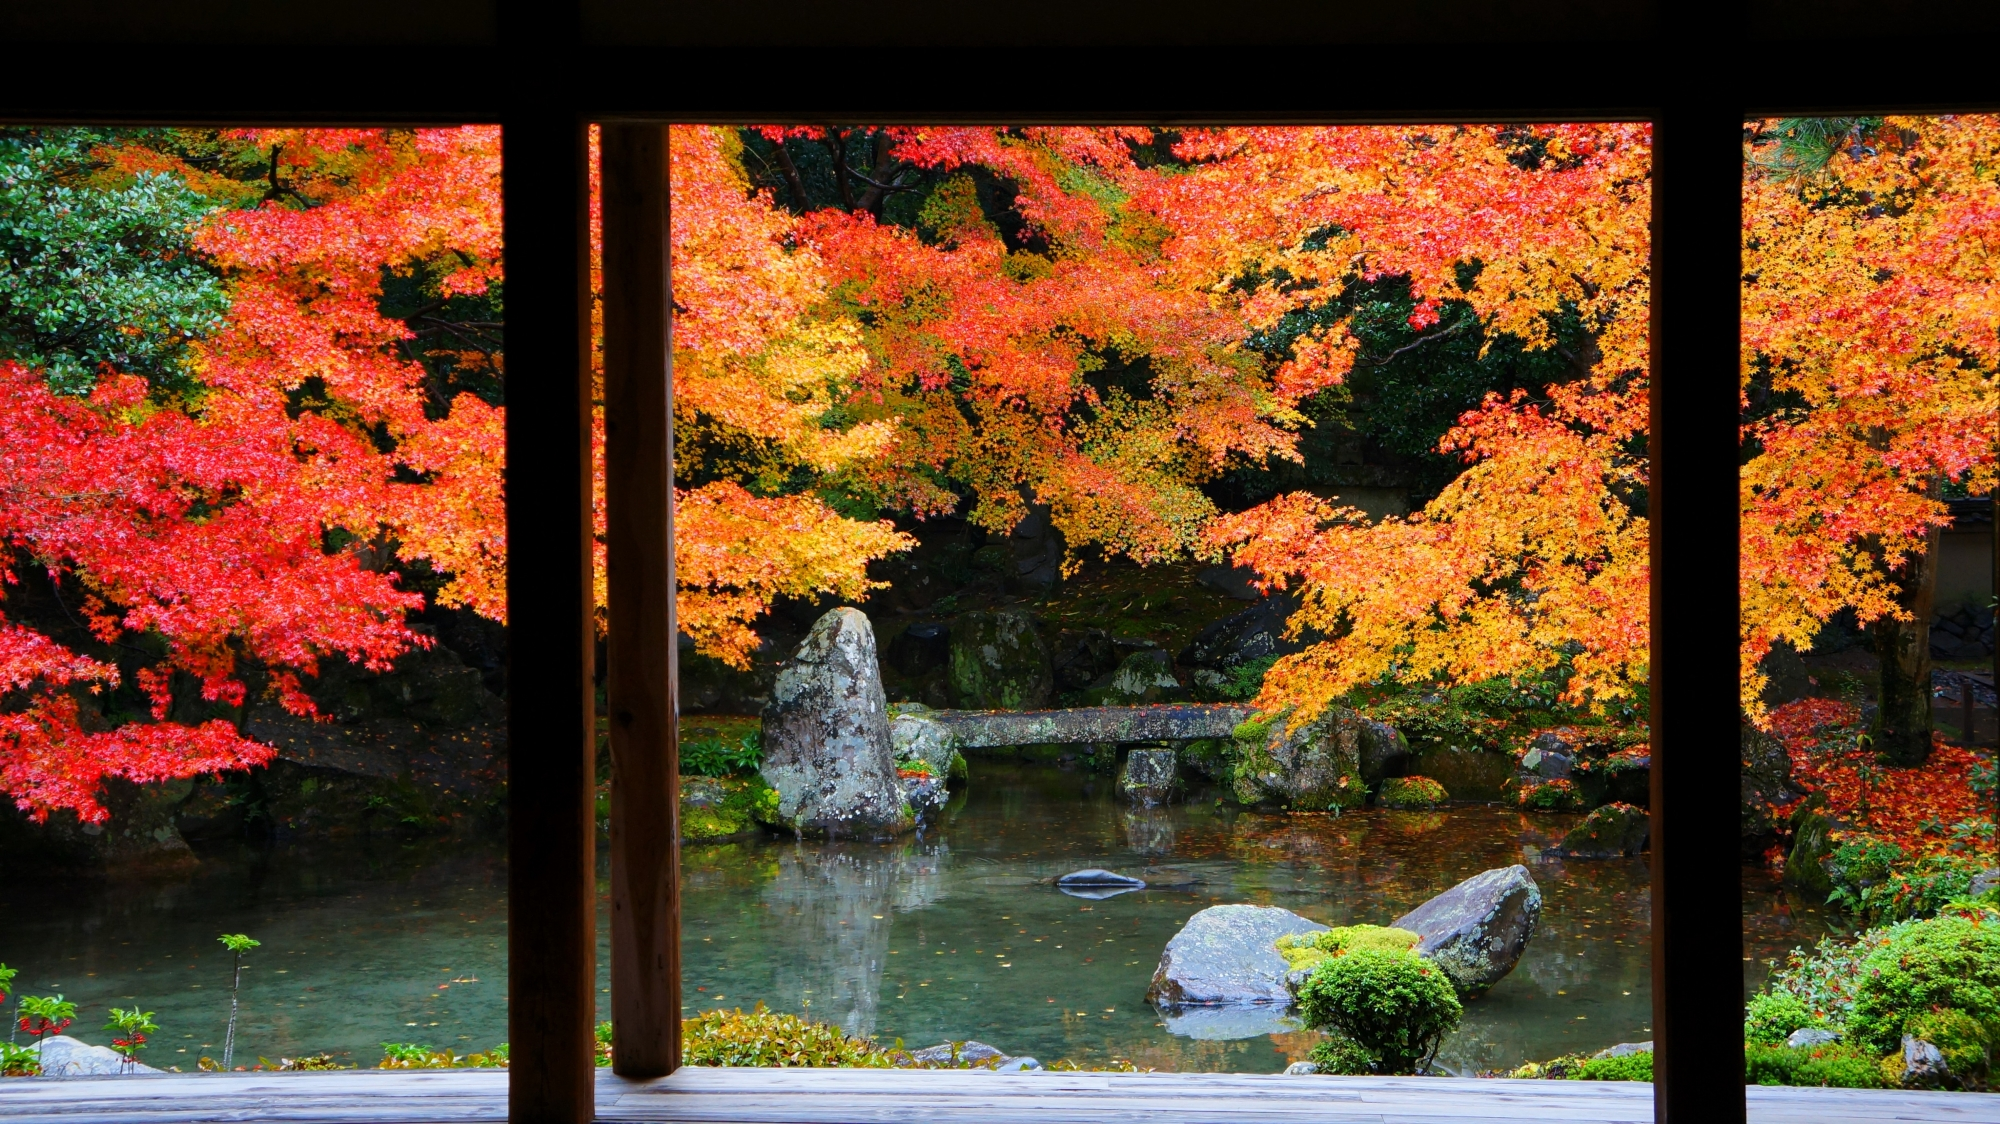 蓮華寺の書院奥から眺めた紅葉の池泉式庭園